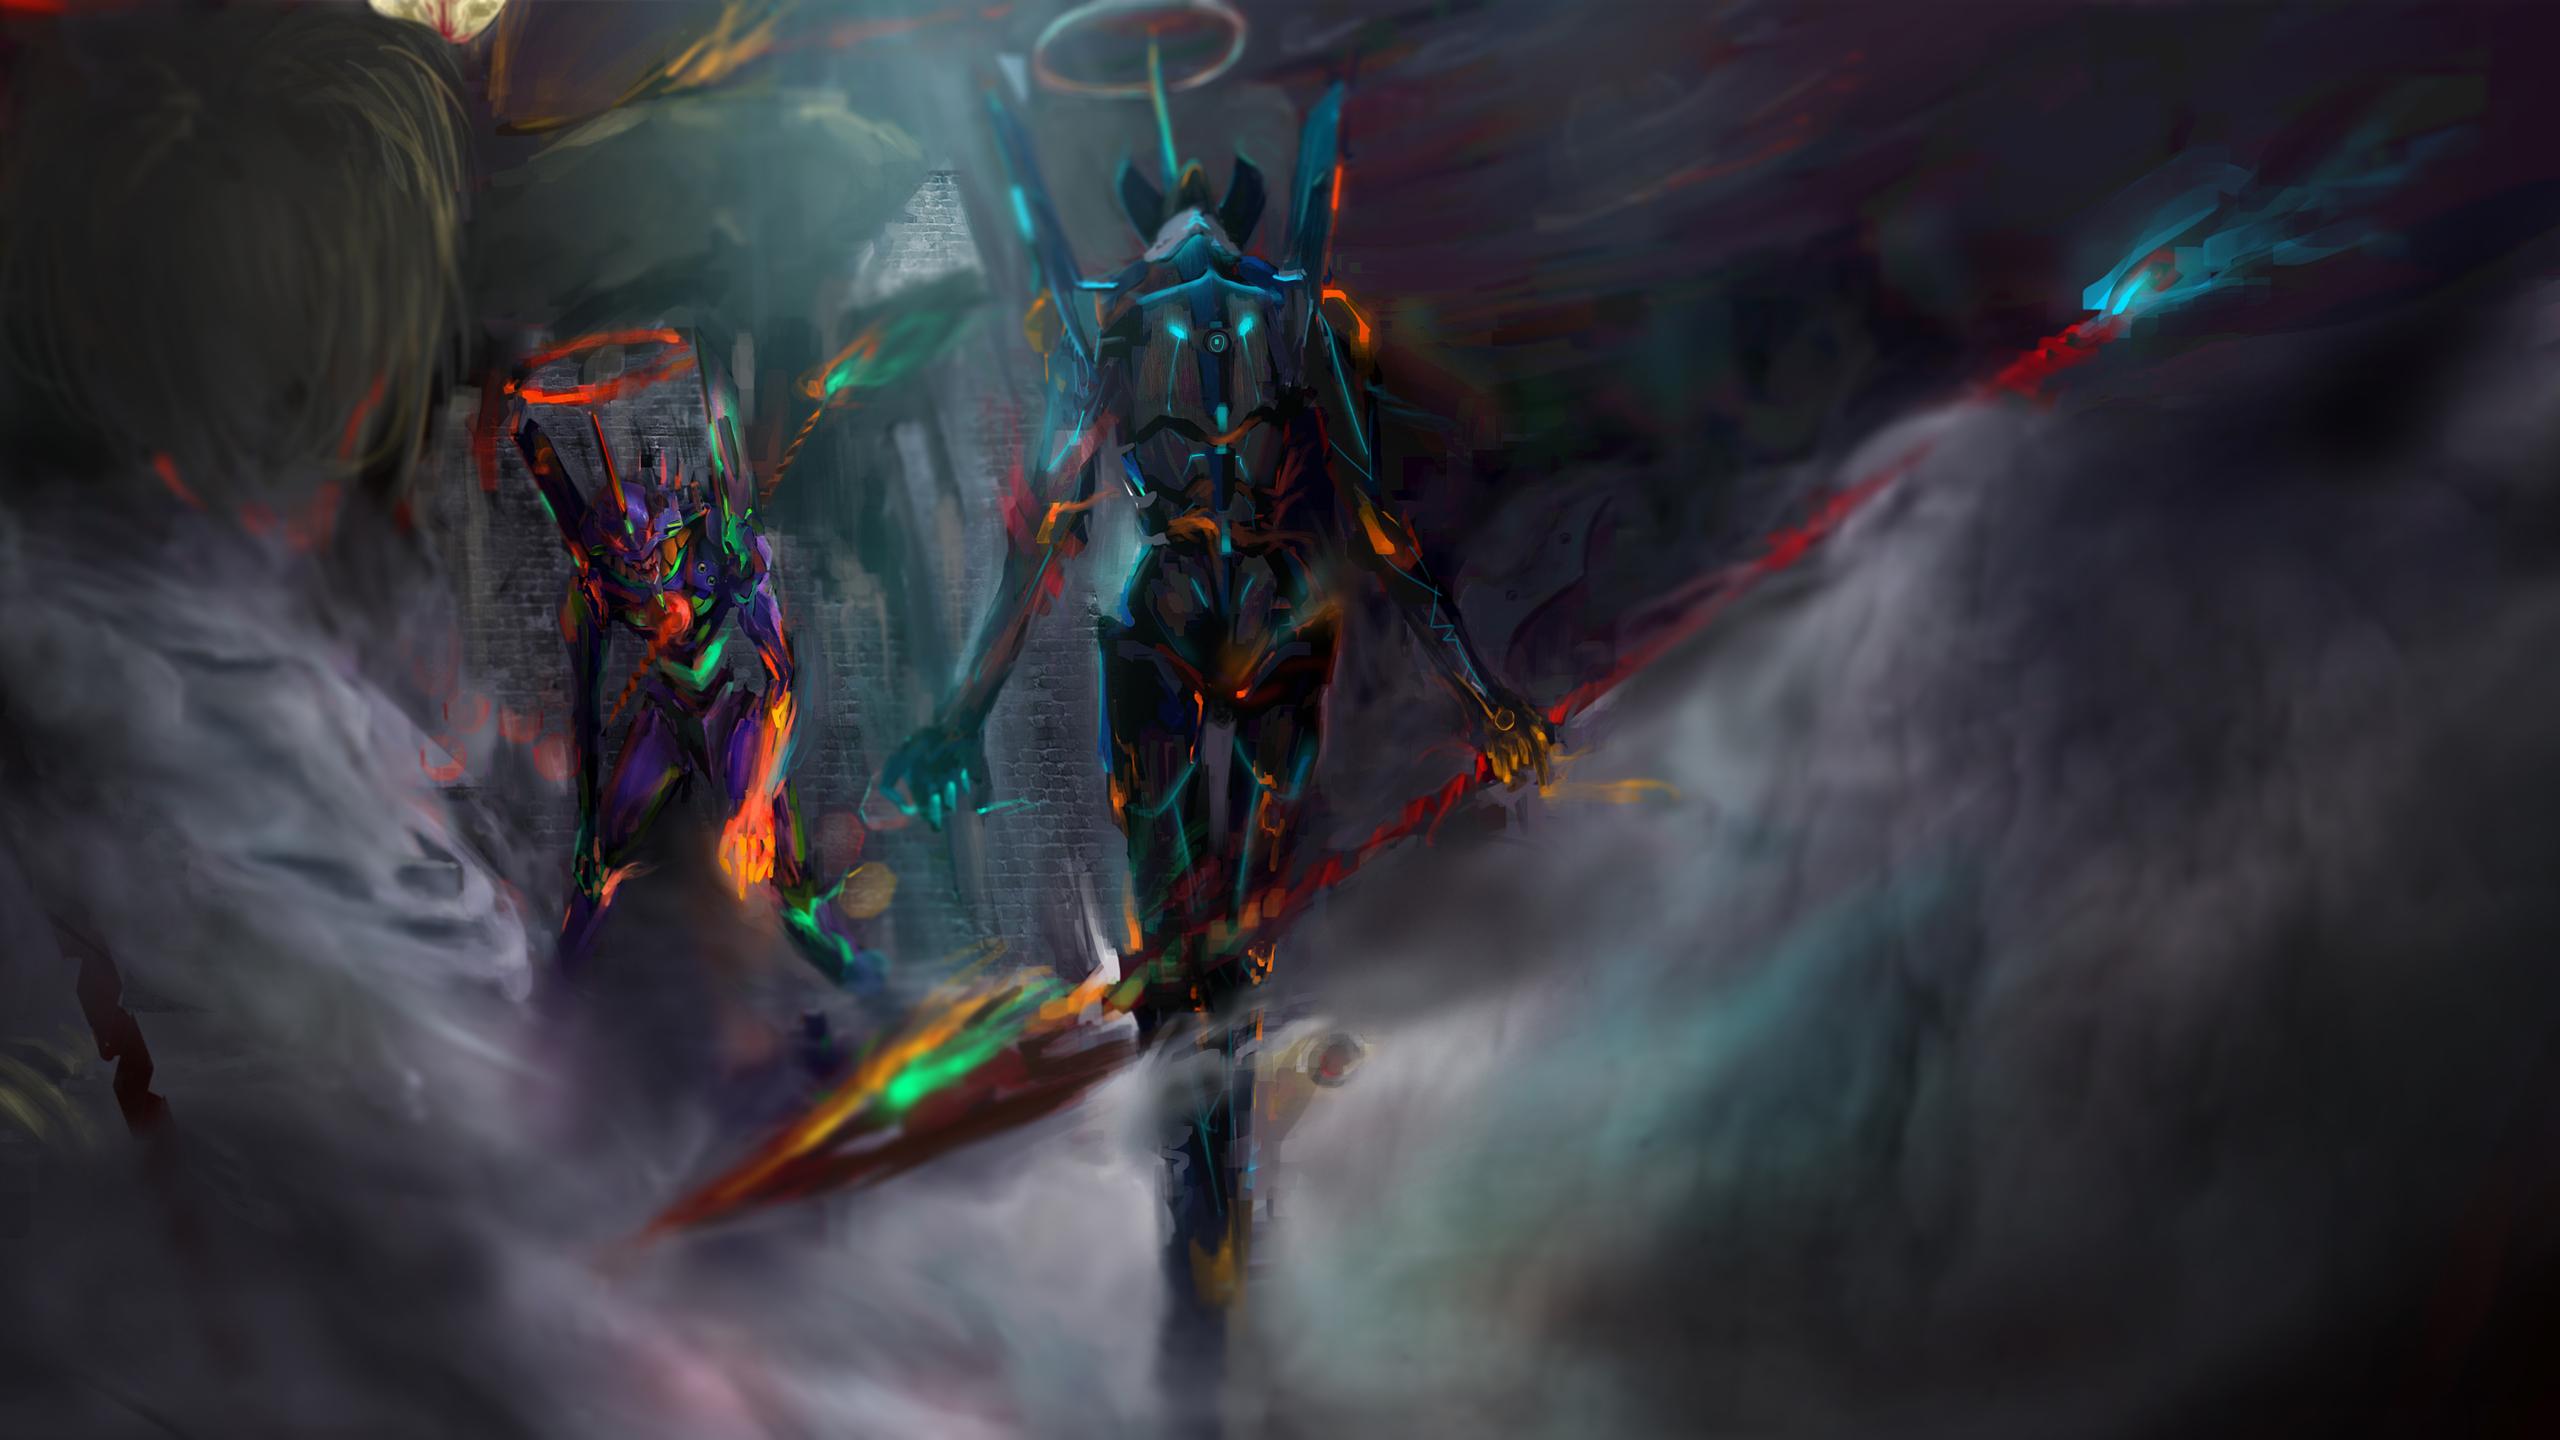 2560x1440 Neon Genesis Evangelion 12k 1440p Resolution Hd 4k